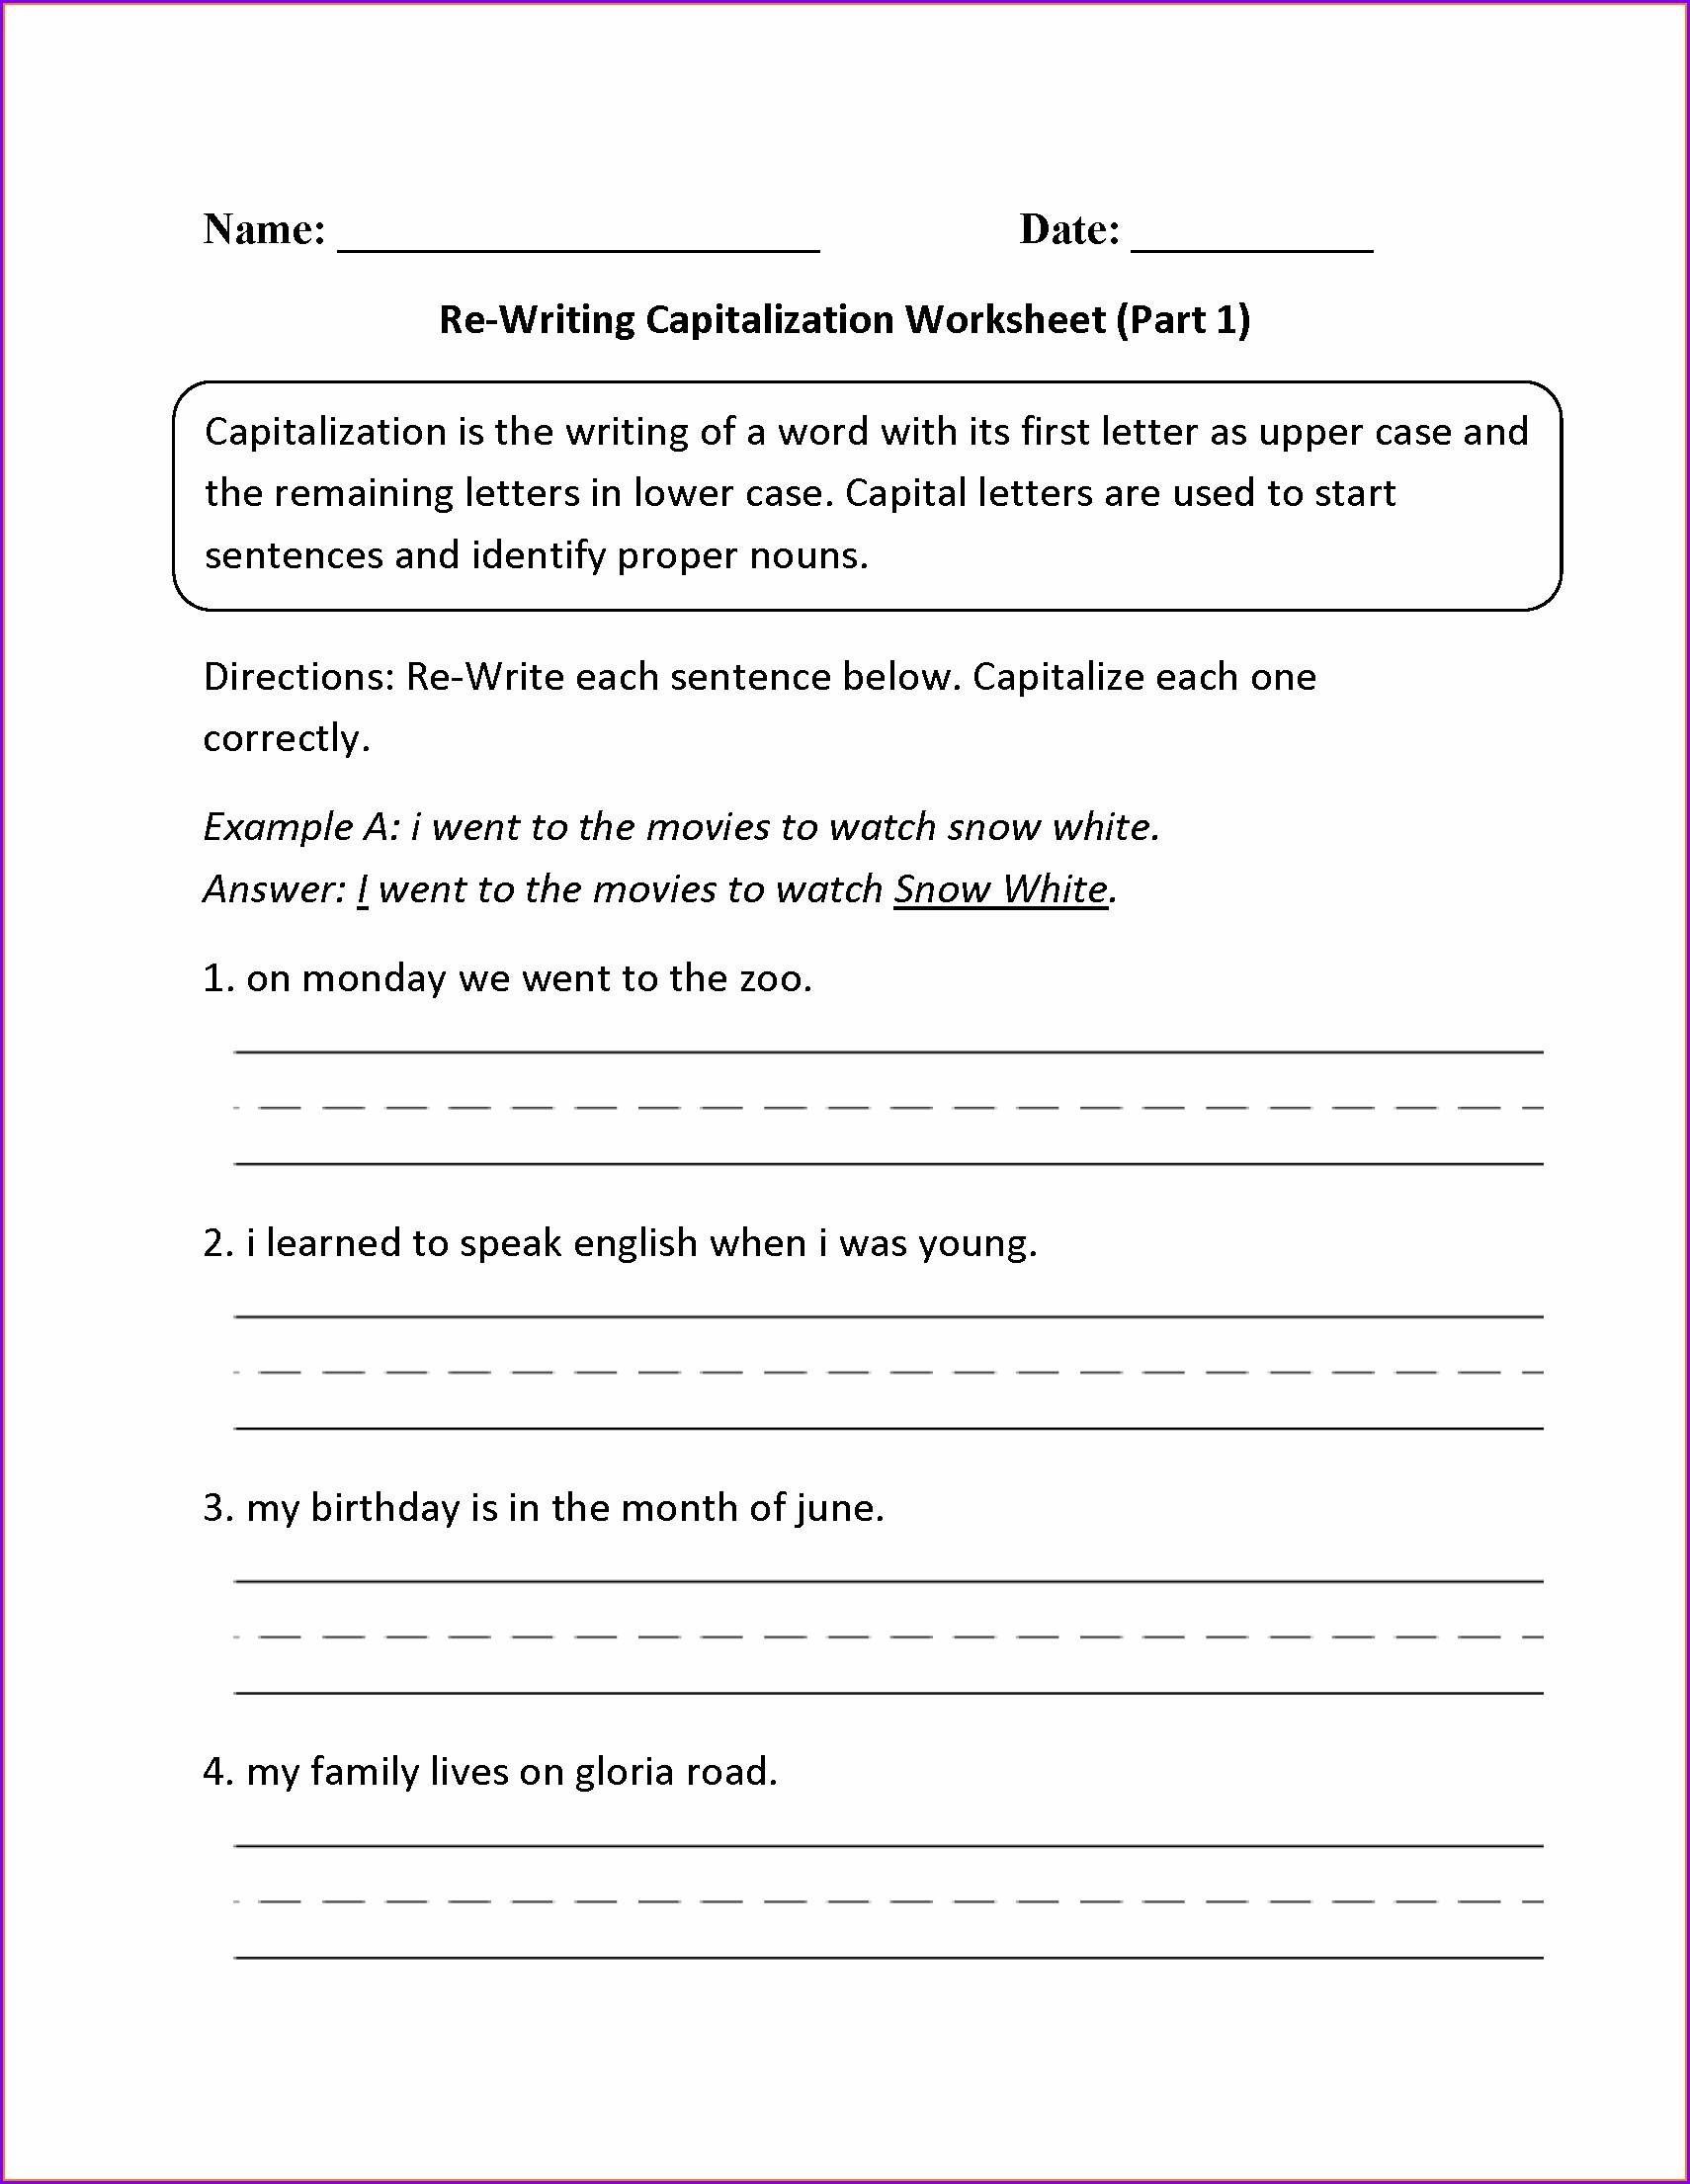 2nd Grade Worksheet On Capitalization Worksheet Resume